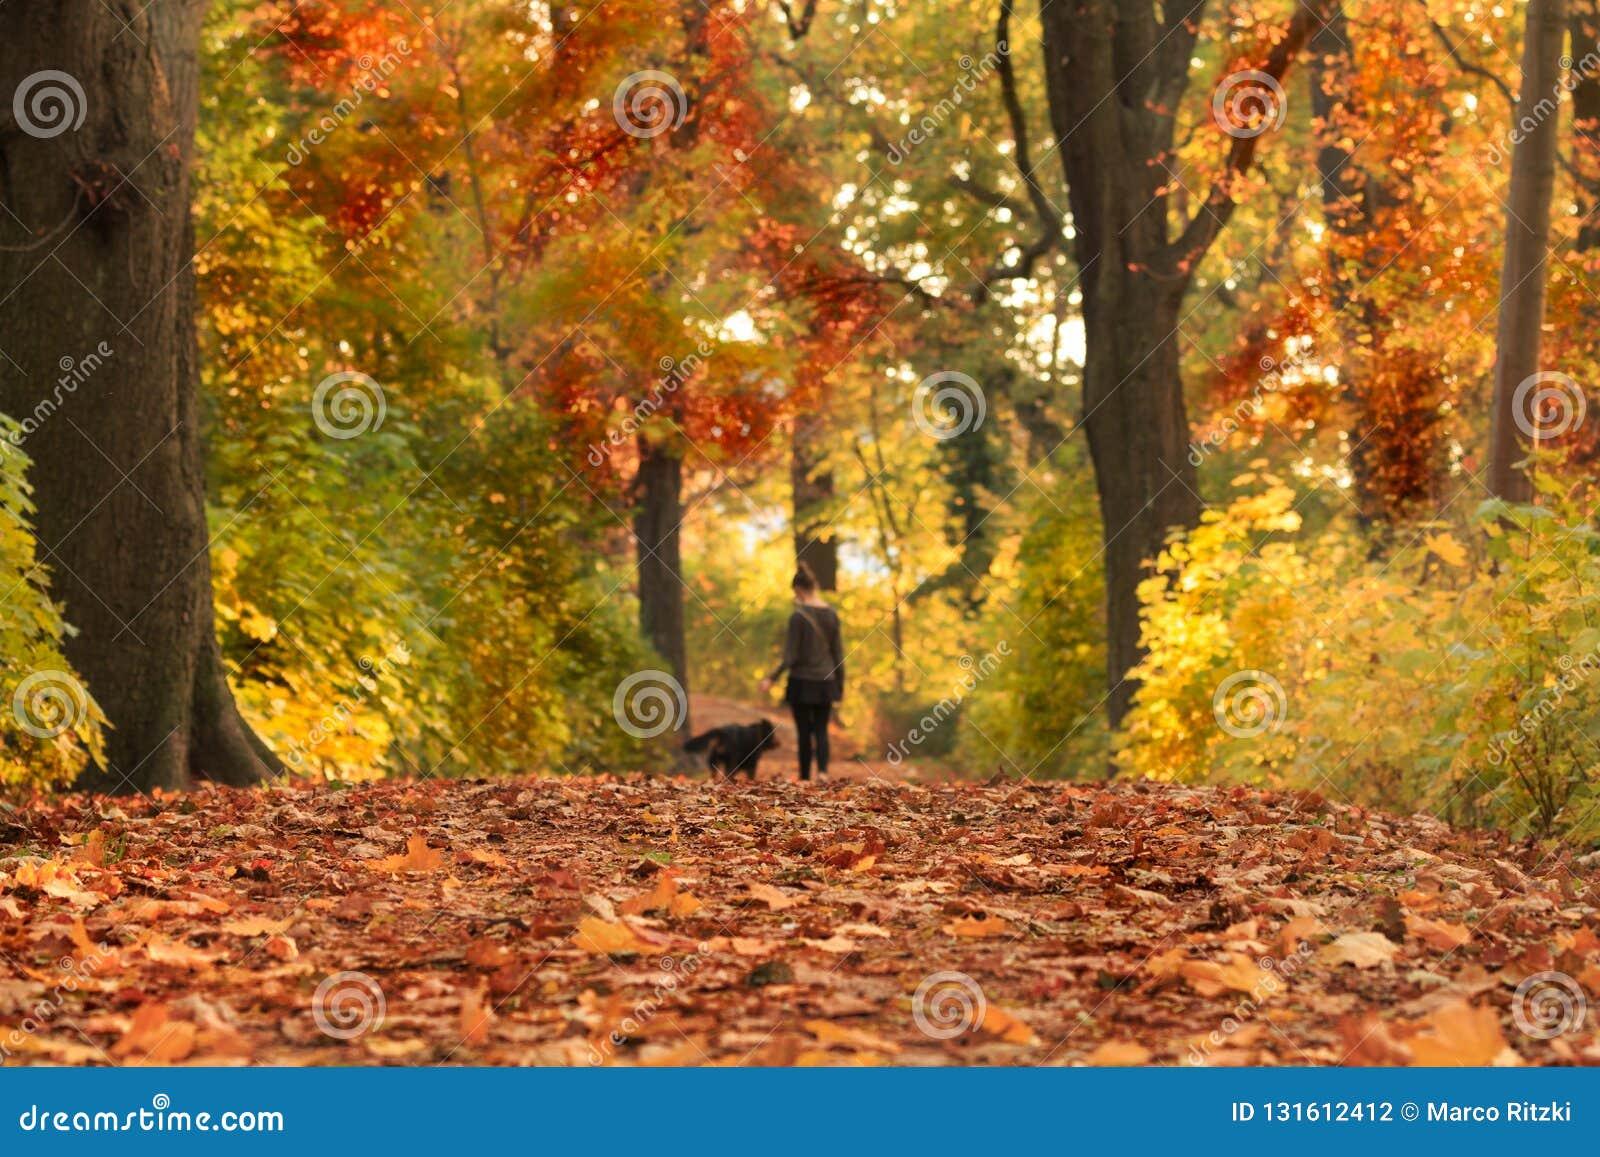 Πορεία φθινοπώρου με τα χρωματισμένα φύλλα